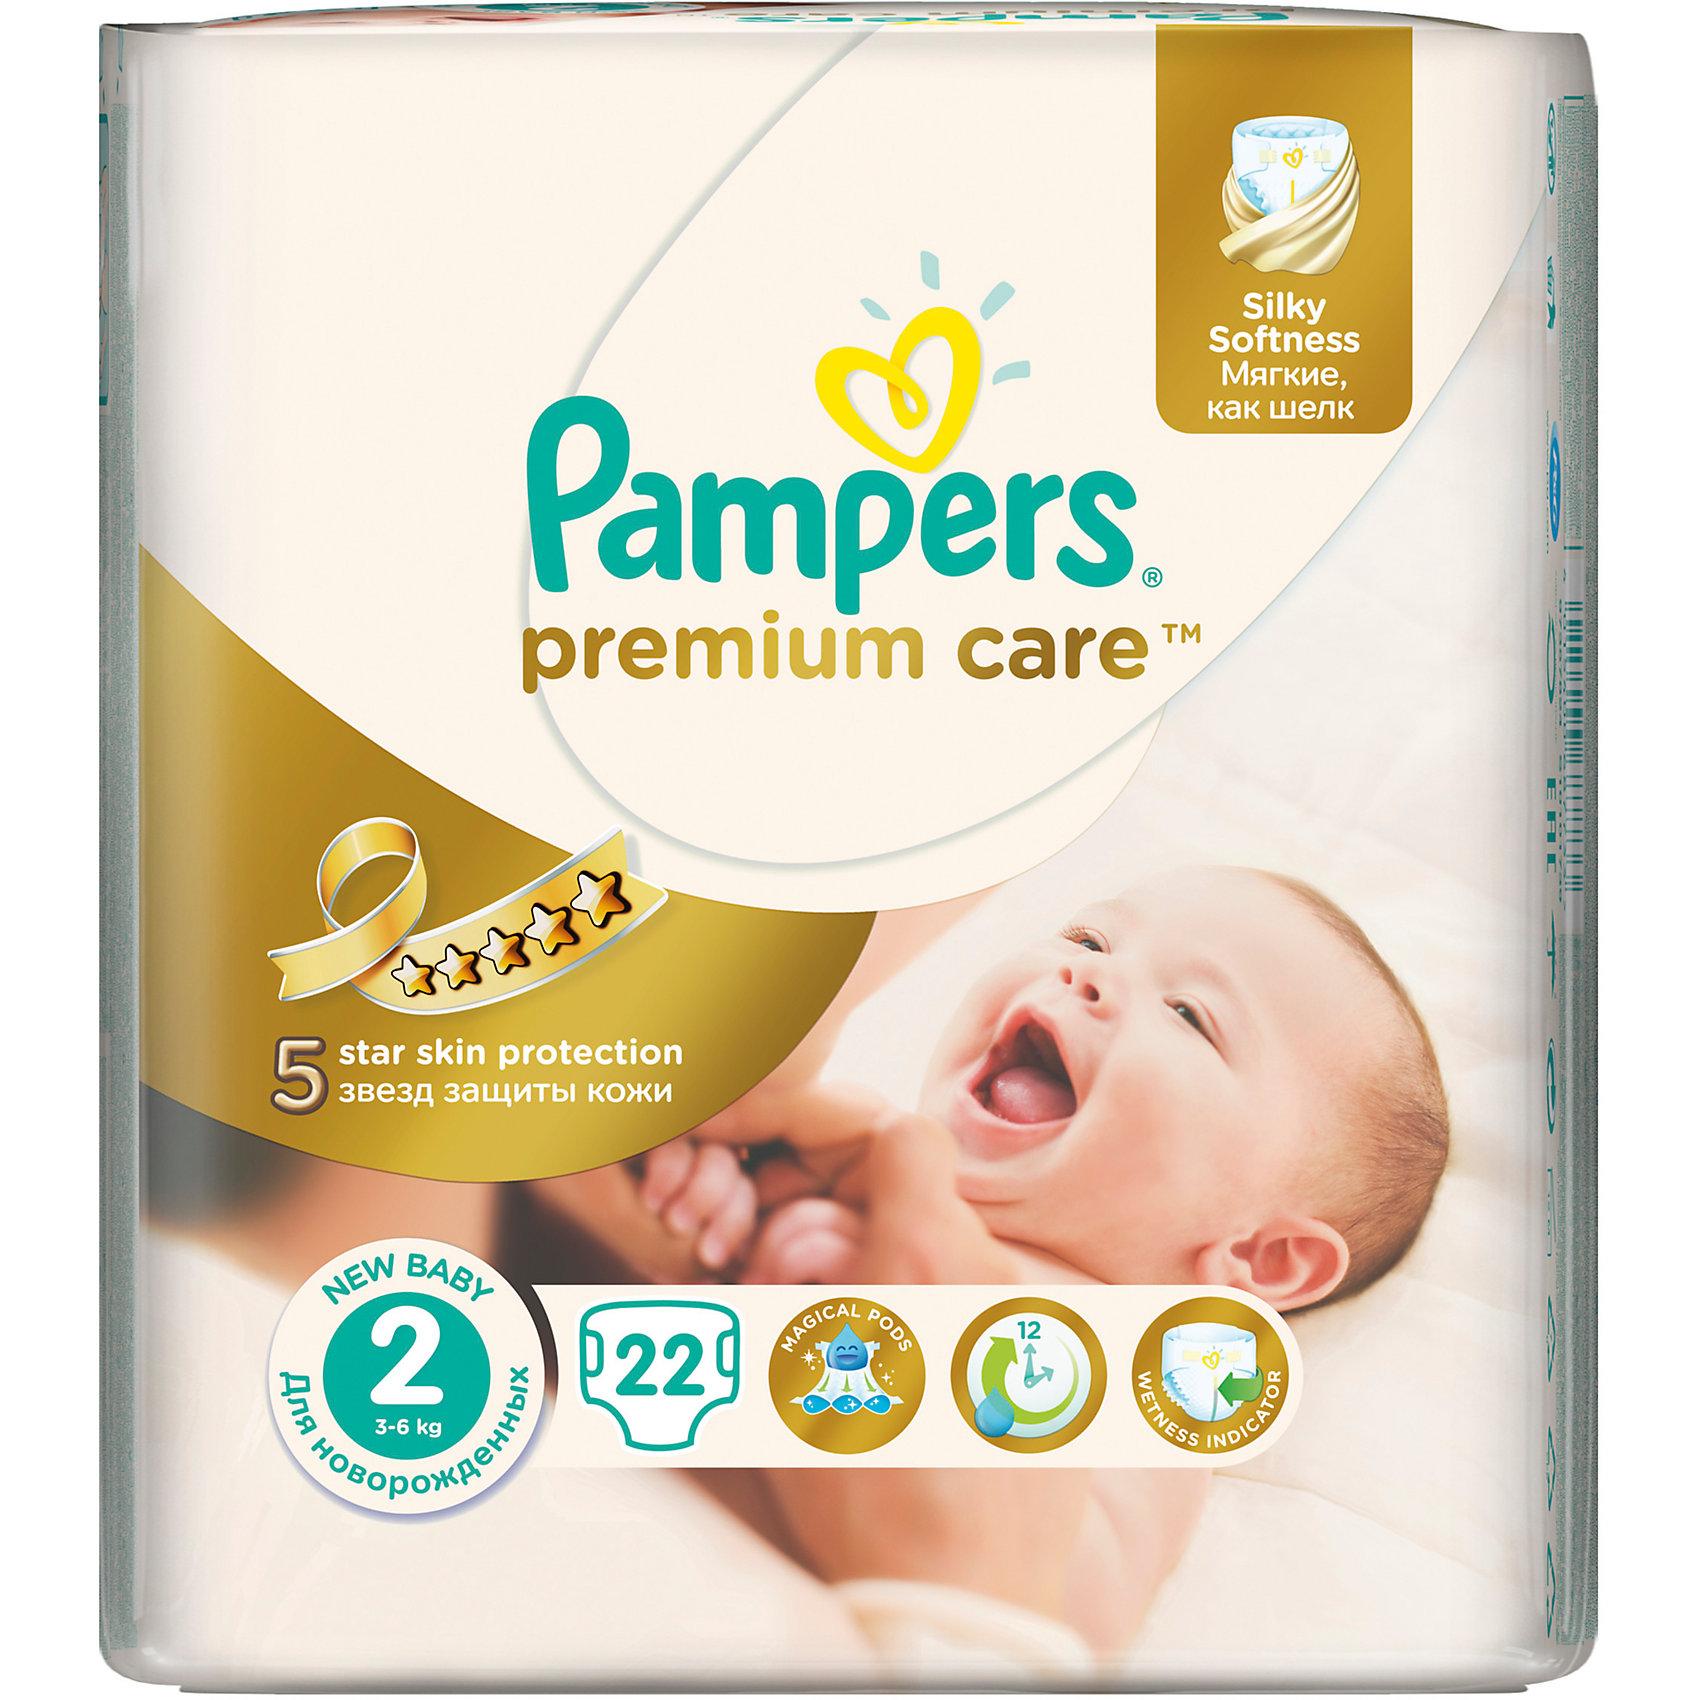 Подгузники Pampers Premium Care Mini, 3-6 кг., 22 шт.Подгузники Pampers Premium Care Mini (Памперс премиум кеа), 3-6 кг., 22 шт.<br><br>Характеристики:<br><br>• мягкие как шелк<br>• впитывающие каналы равномерно распределяют влагу<br>• удерживают влагу до 12 часов<br>• дышащие материалы обеспечивают правильную циркуляцию воздуха<br>• индикатор влаги подскажет, что нужно сменить подгузник<br>• эластичные боковинки защищают от протеканий<br>• состав бальзама: вазелин, стеариловый спирт, экстракт алоэ, жидкий вазелин/вазелиновое масло<br>• размер: 3-6 кг<br>• количество: 22 шт.<br>• размер упаковки: 17,8х11х17,5 см<br>• вес: 463 грамма<br><br>Подгузники Pampers Premium Care подарят вашему малышу сухость и комфорт на всю ночь! Подгузники имеют три впитывающих канала, которые позволяют равномерно распределить влагу без образования комков. Специальный впитывающий слой быстро абсорбирует и удерживает влагу до 12 часов, позволяя избежать соприкосновения с кожей. Эластичные боковинки подгузников помогут предотвратить натирание на коже. Внешний слой позволяет коже ребёнка дышать всю ночь, обеспечивая правильную микроциркуляцию кожи. Подгузники имеют индикатор влаги, который напомнит вам о необходимости смены подгузника. Pampers Premium Care мягкие словно шёлк. В них кроха всегда будет готов к новым открытиям!<br><br>Подгузники Pampers Premium Care Mini (Памперс премиум кеа), 3-6 кг., 22 шт. можно купить в нашем интернет-магазине.<br><br>Ширина мм: 175<br>Глубина мм: 110<br>Высота мм: 178<br>Вес г: 463<br>Возраст от месяцев: 0<br>Возраст до месяцев: 6<br>Пол: Унисекс<br>Возраст: Детский<br>SKU: 5422938